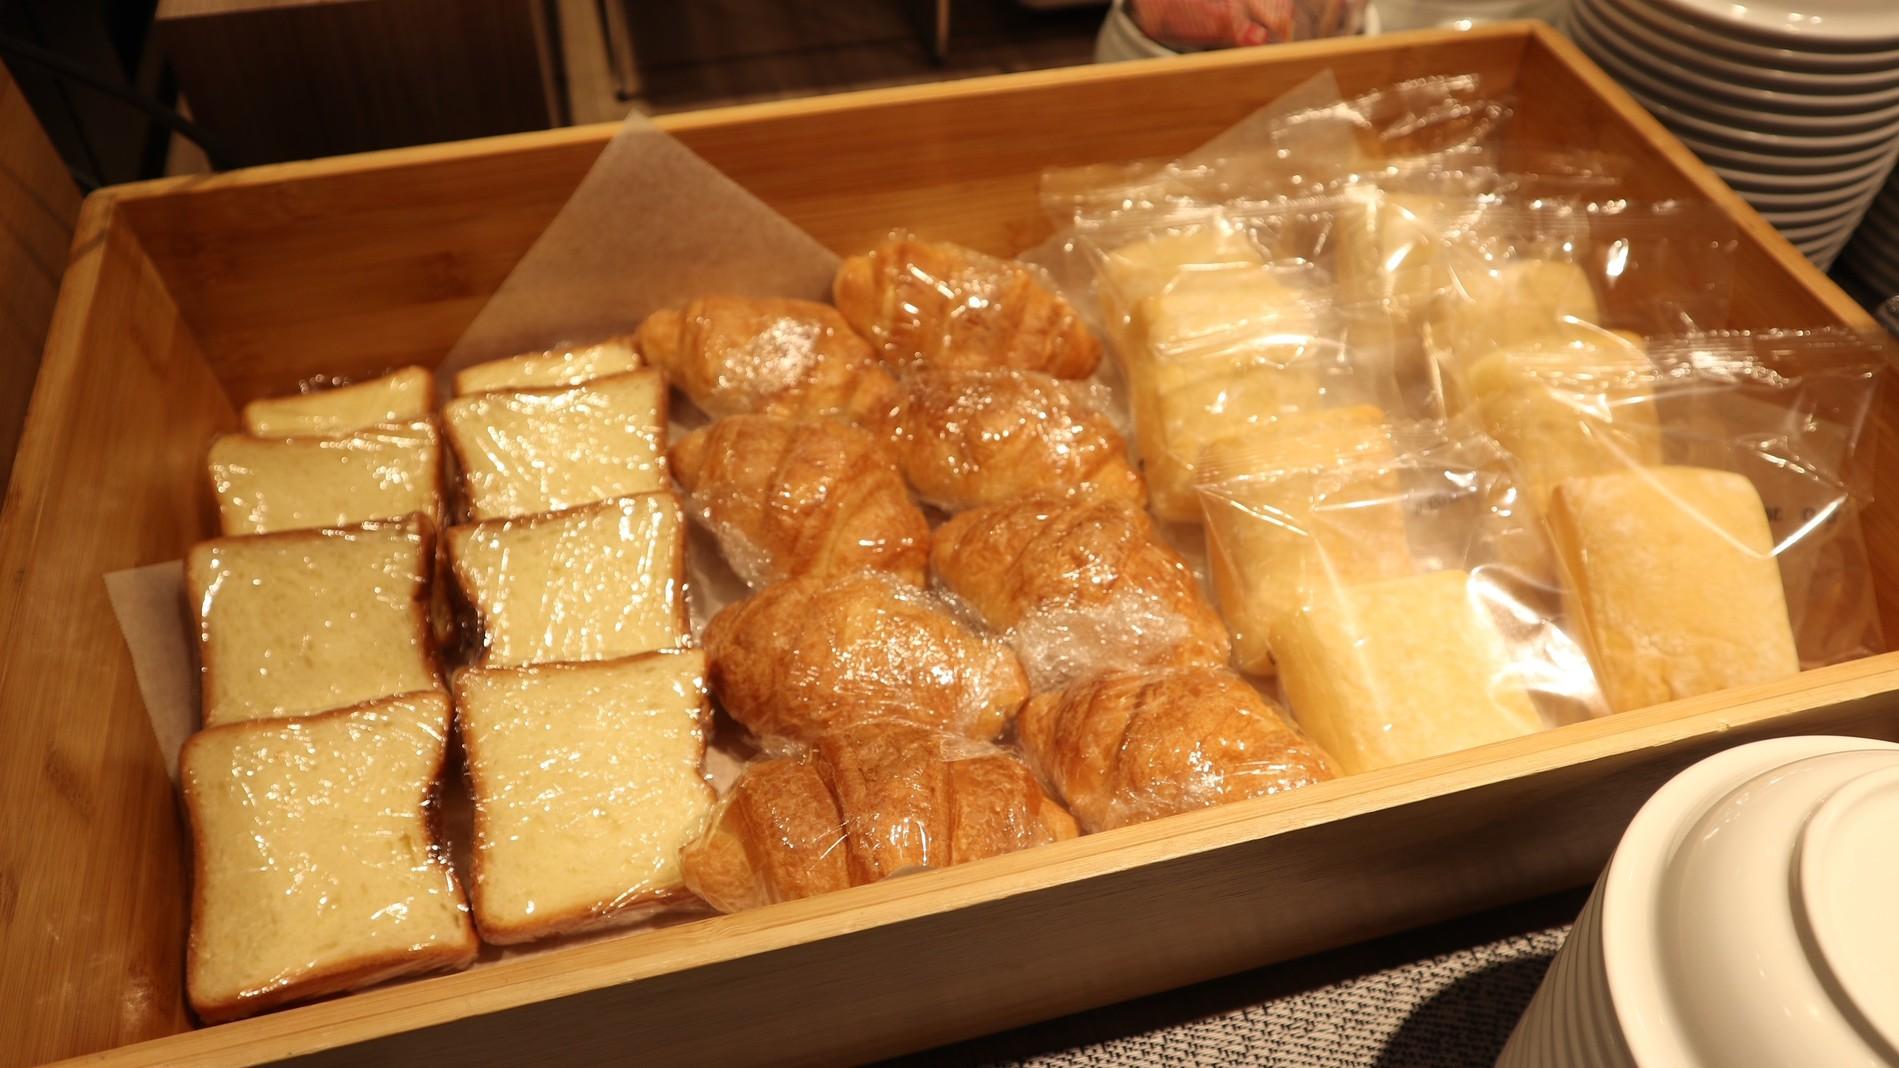 ◆パン各種(デニッシュ・クロワッサン・ミルクパン)